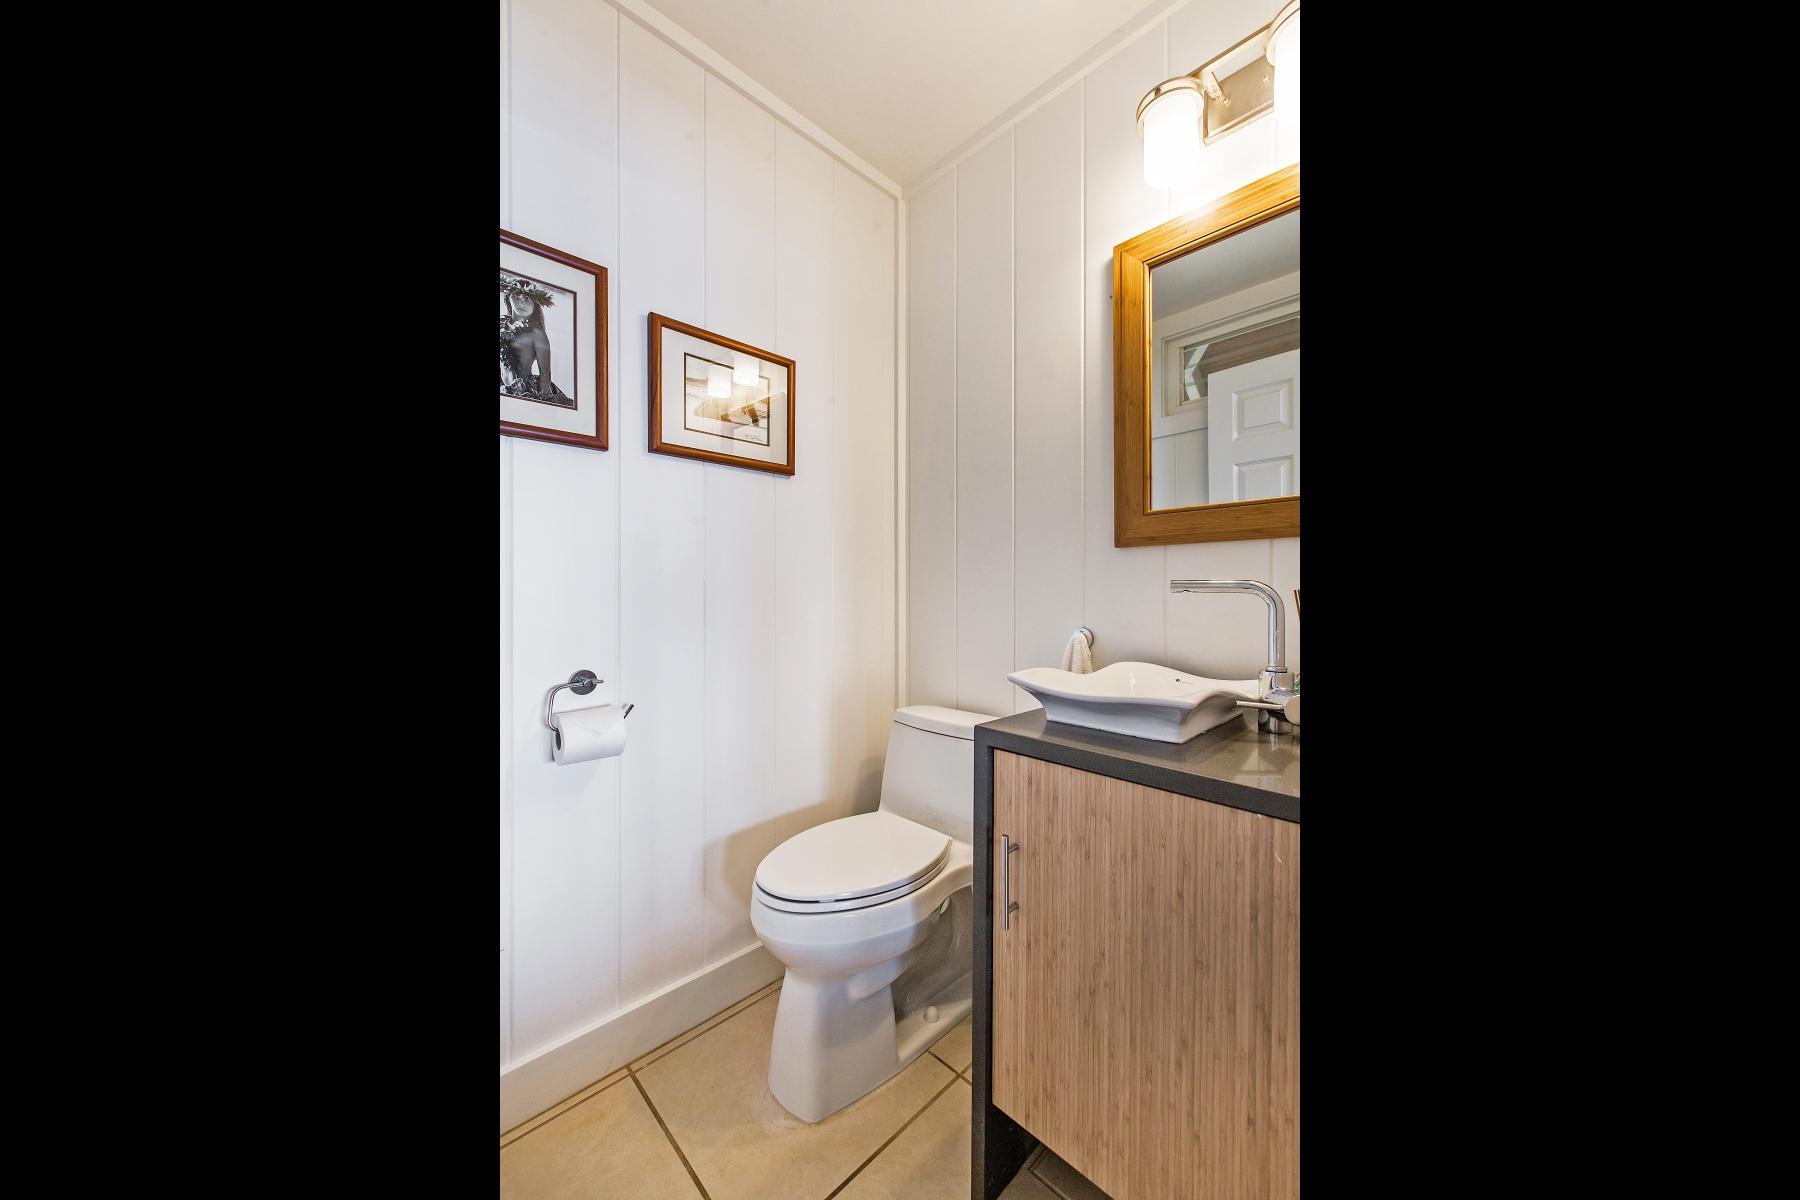 Half-Bath-V.jpg_1800x1200_2194219.jpg